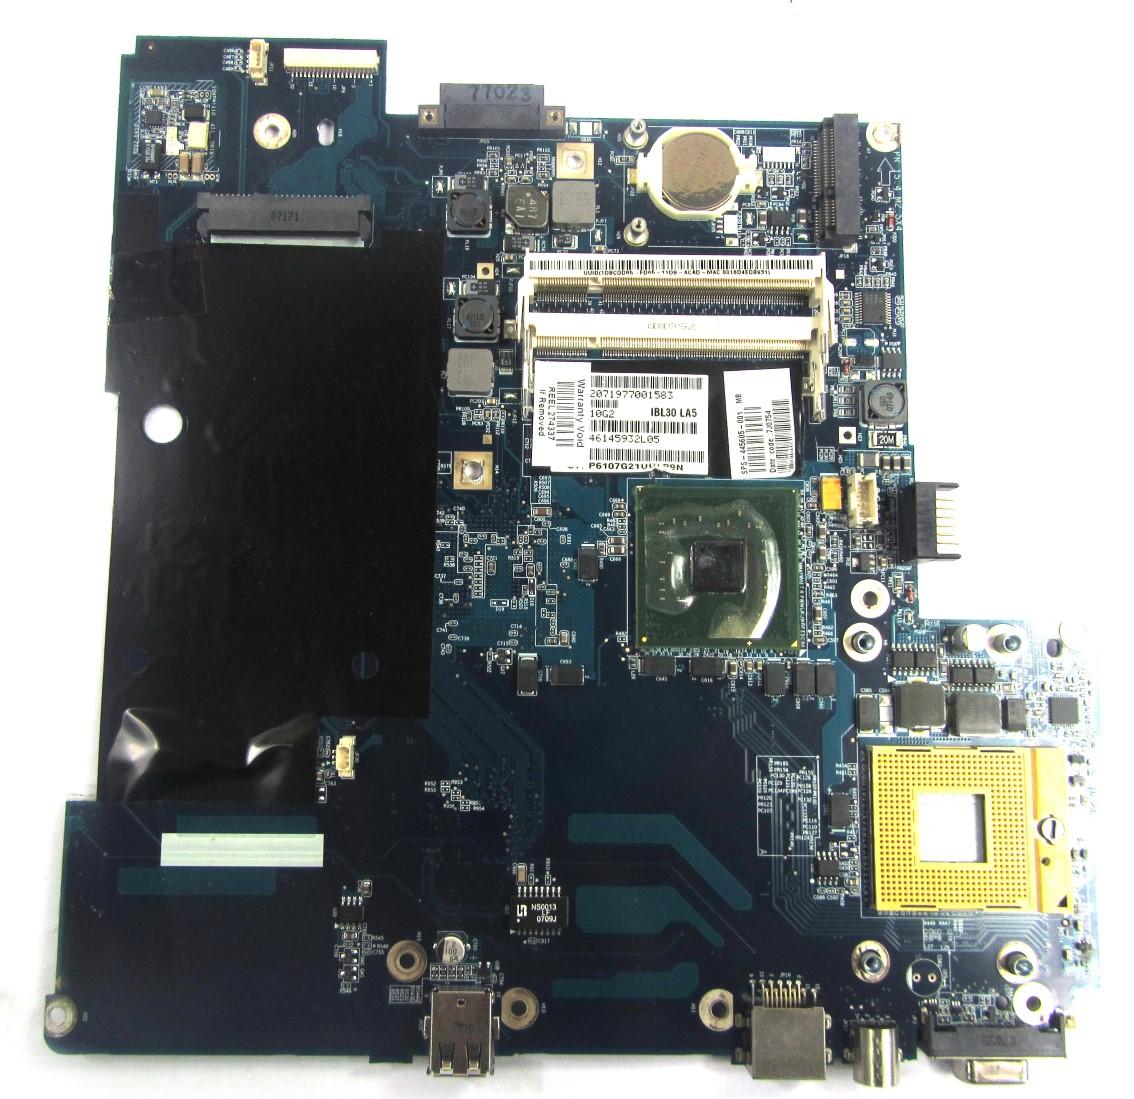 UNTESTED 441696-001 Compaq Presario C500 Laptop Motherboard - LA-3343P